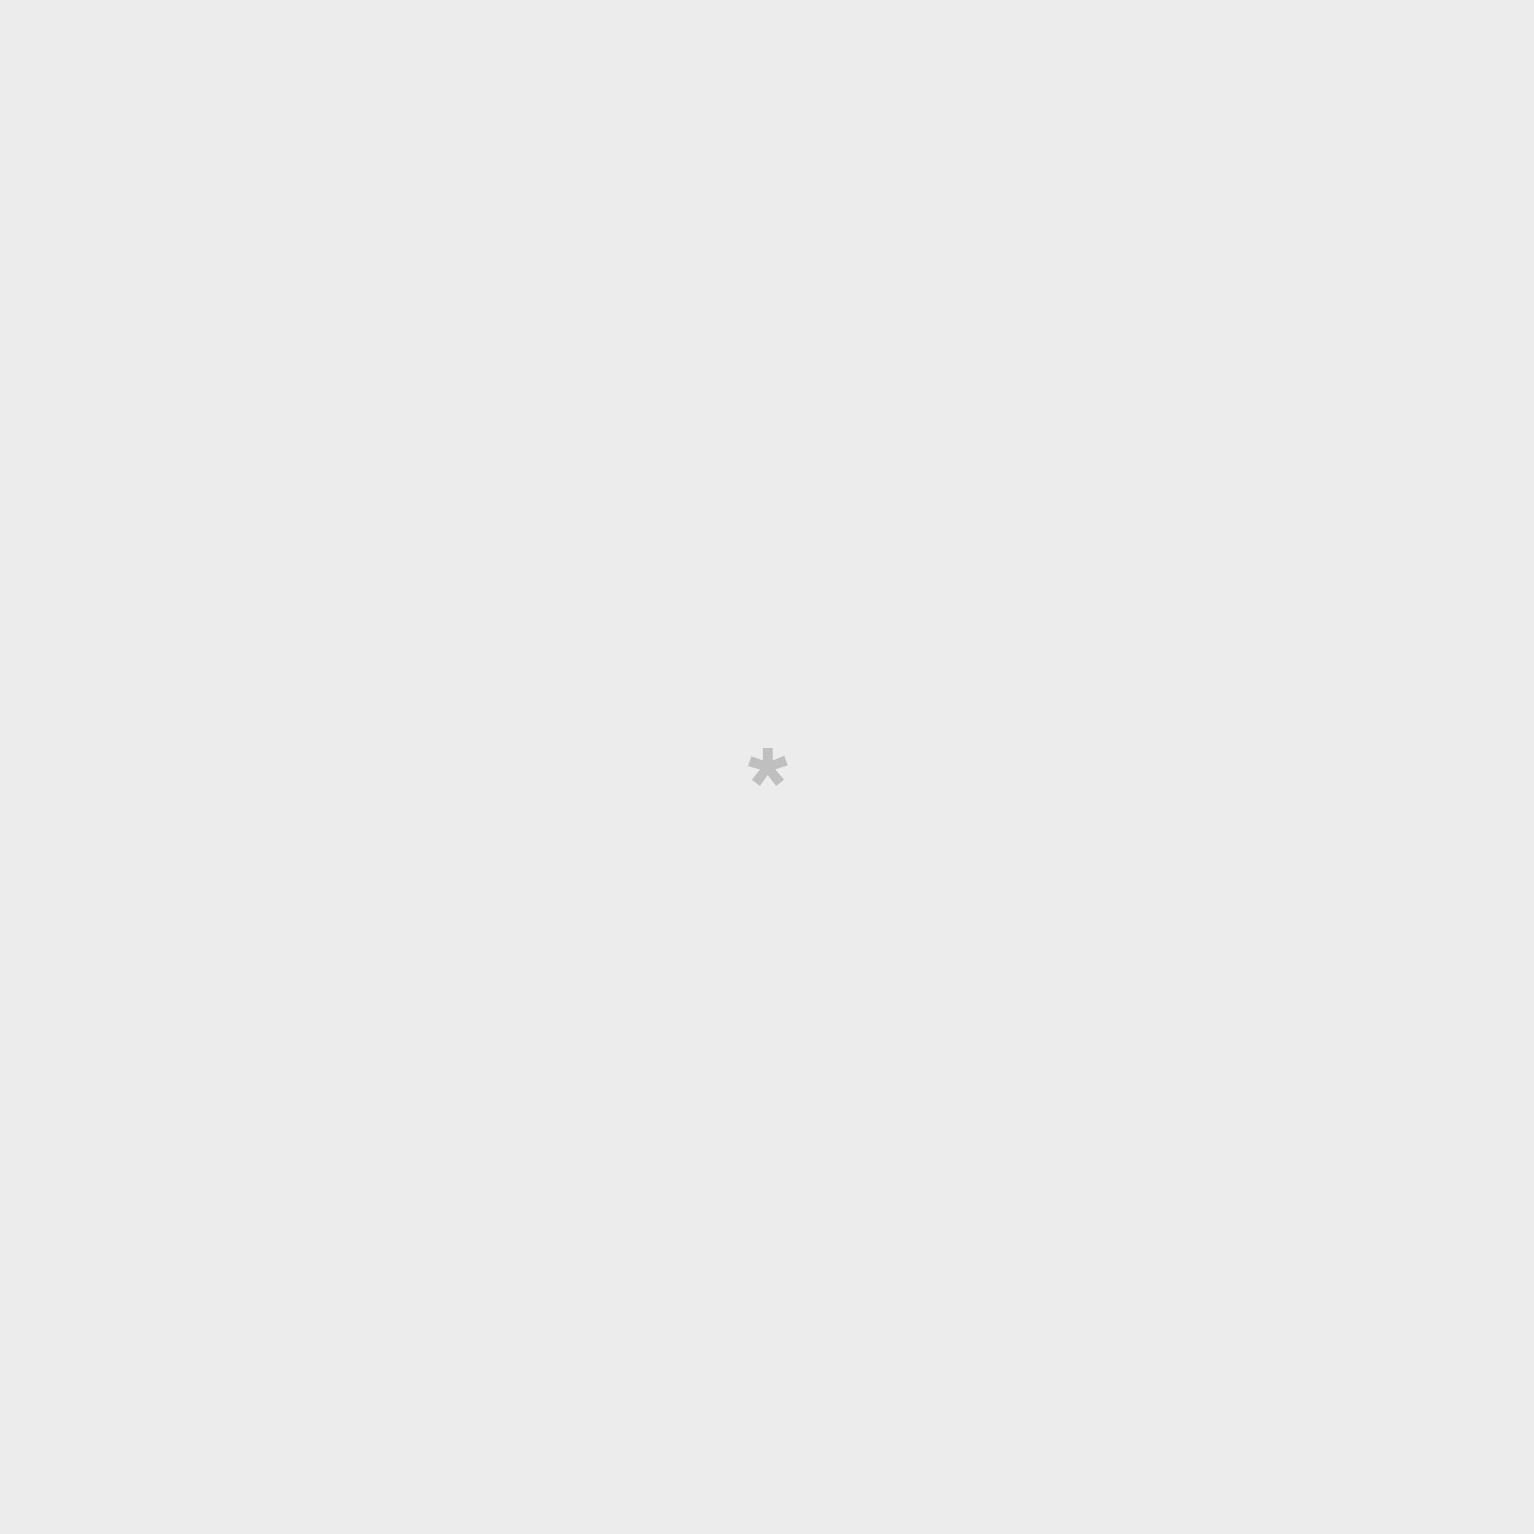 Cartoline prime tappe del bebè - Fotografie del mio primo anno